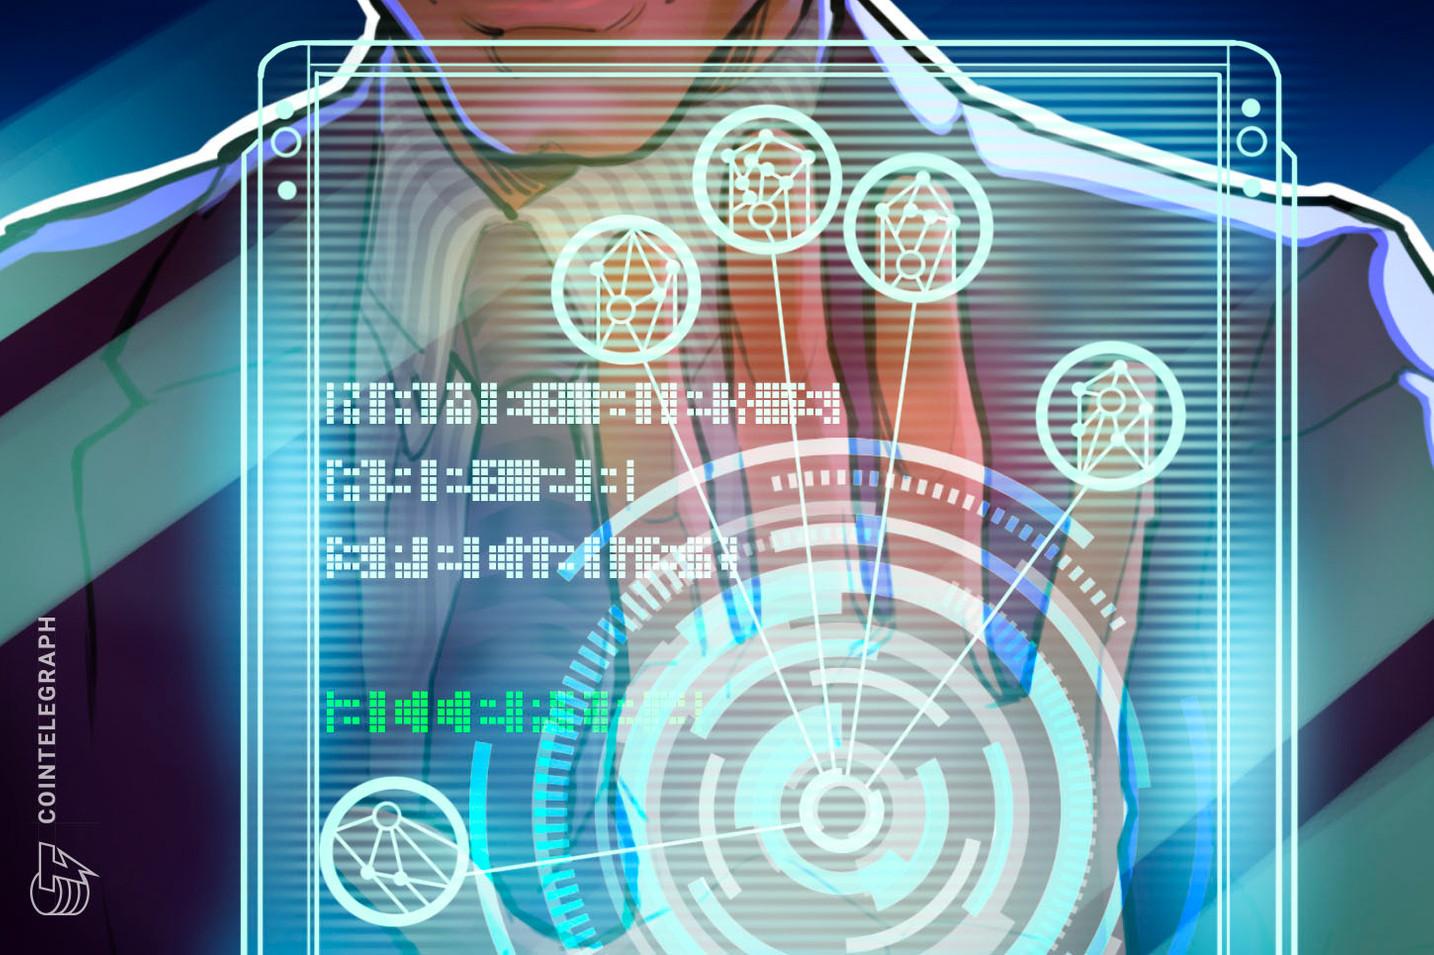 'Identidade descentralizada pode substituir todas as funções de login', diz setor de TI da LG